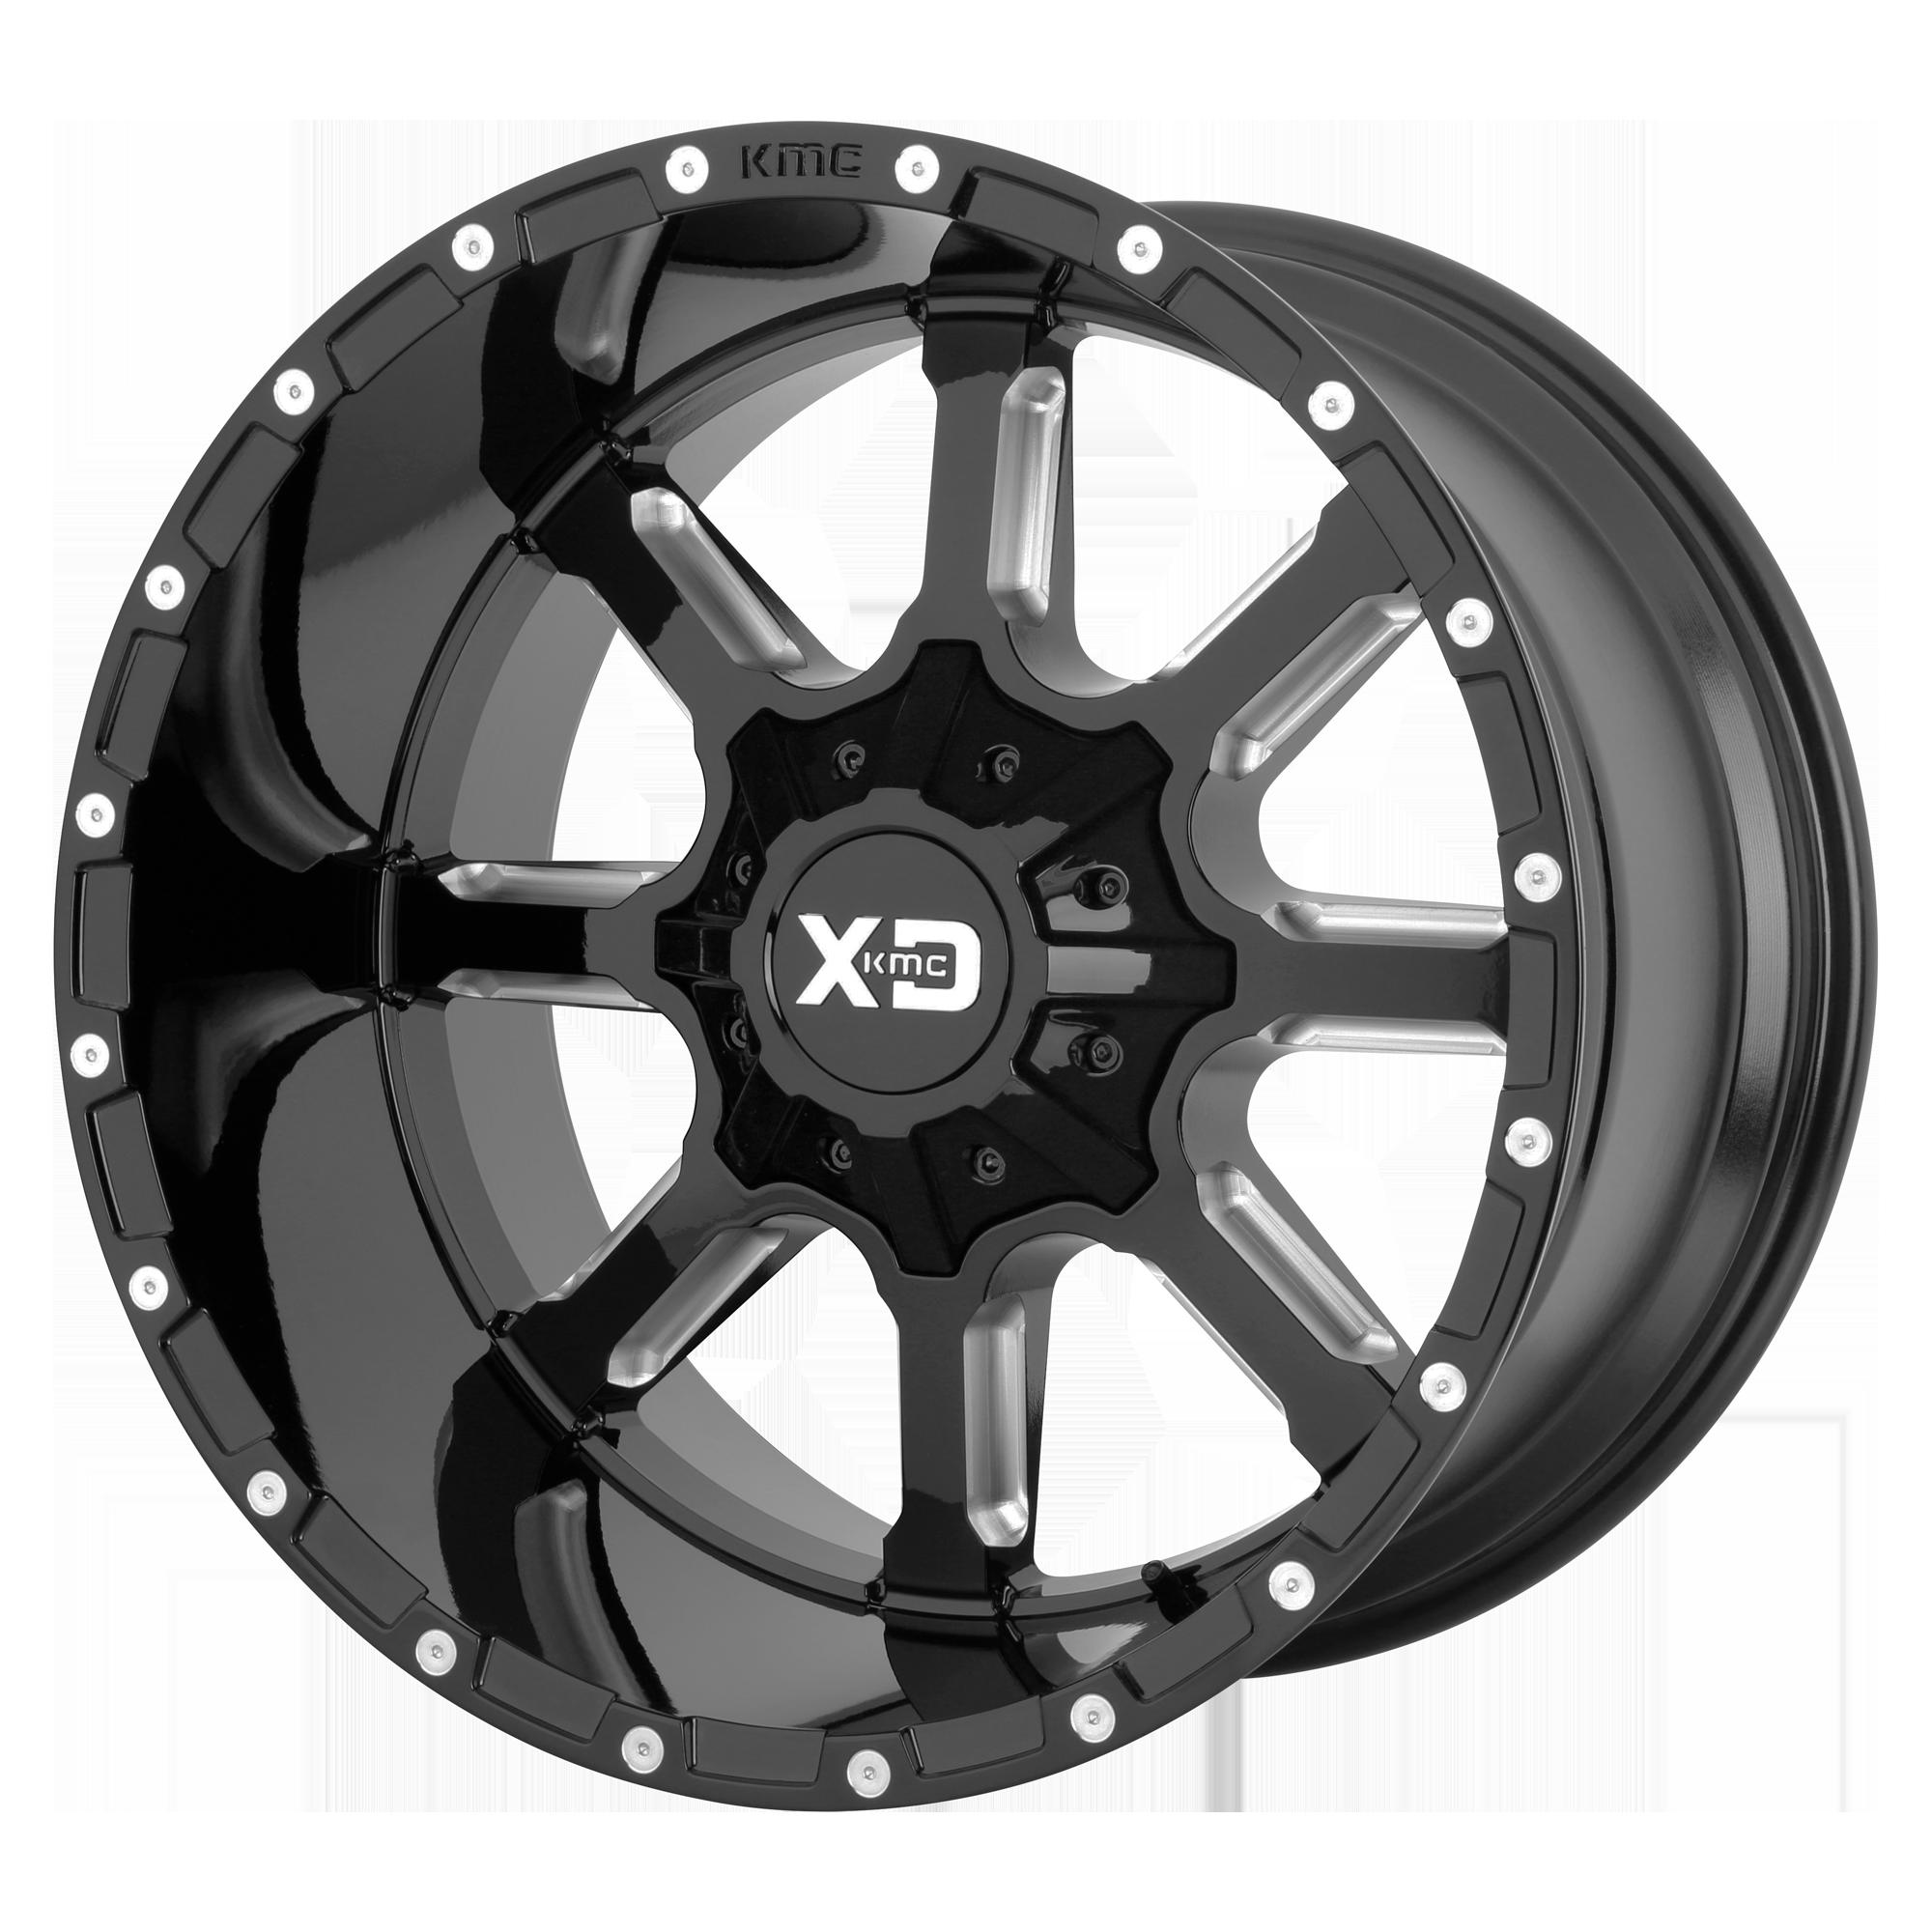 XD SERIES XD838 MAMMOTH hliníkové disky 9x20 6x114,3 ET30 Gloss Black Milled